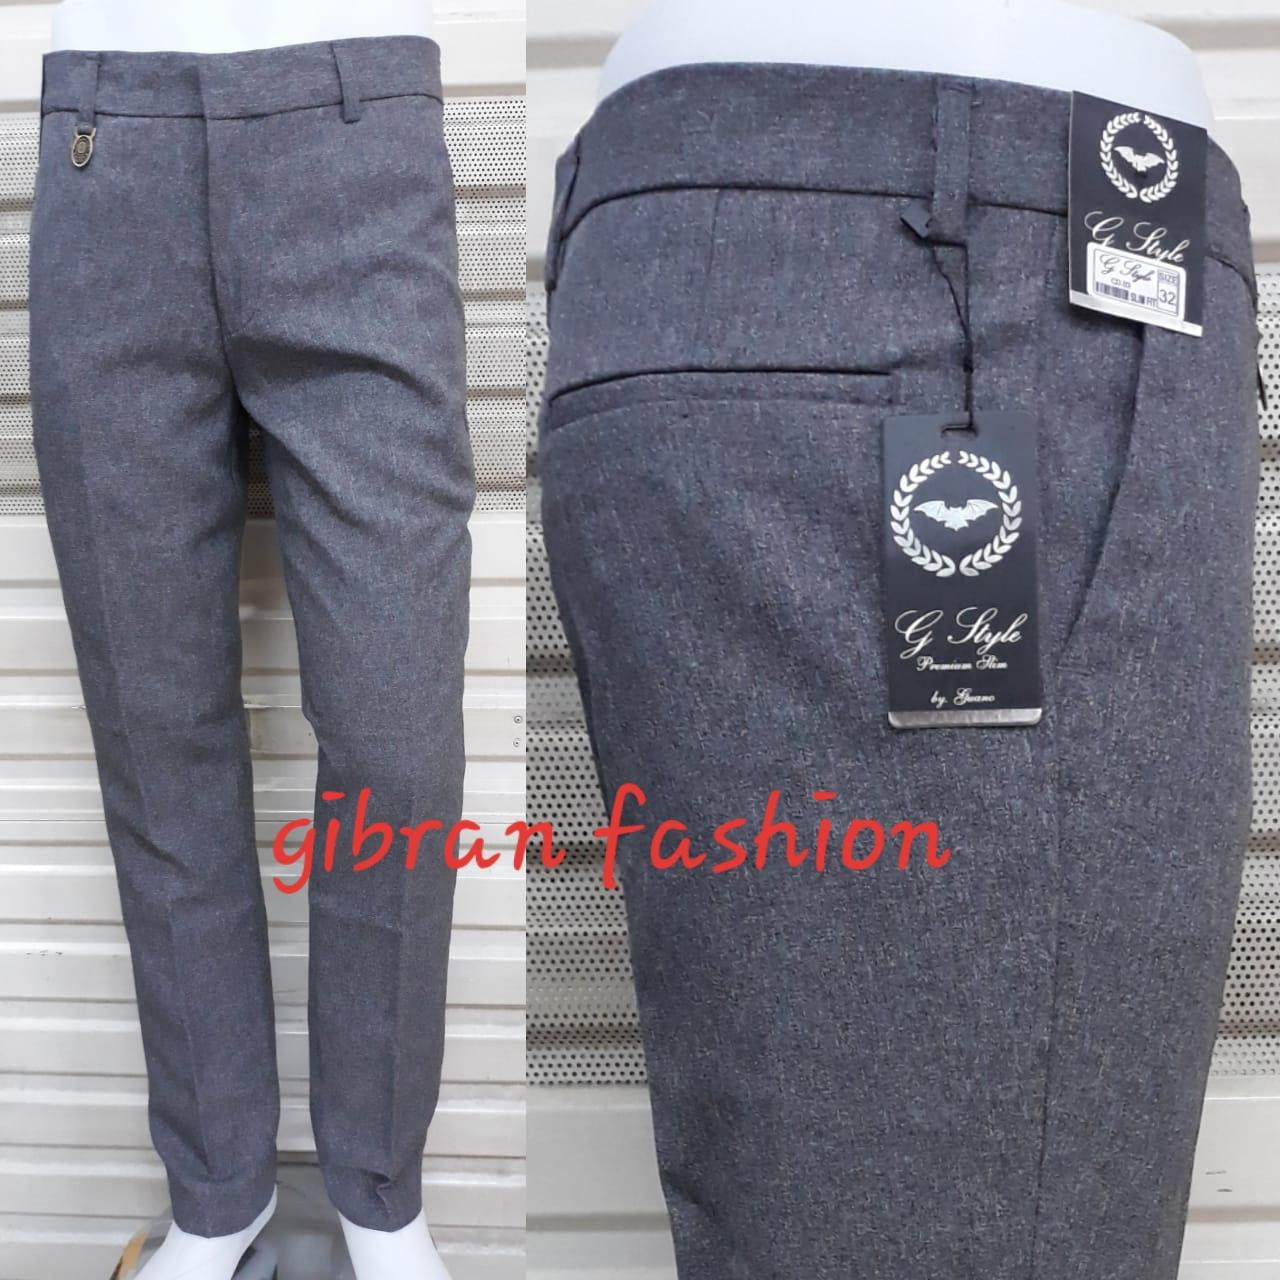 Celana panjang pria formal/kerja model slimfit bahan gabardin bagus murah